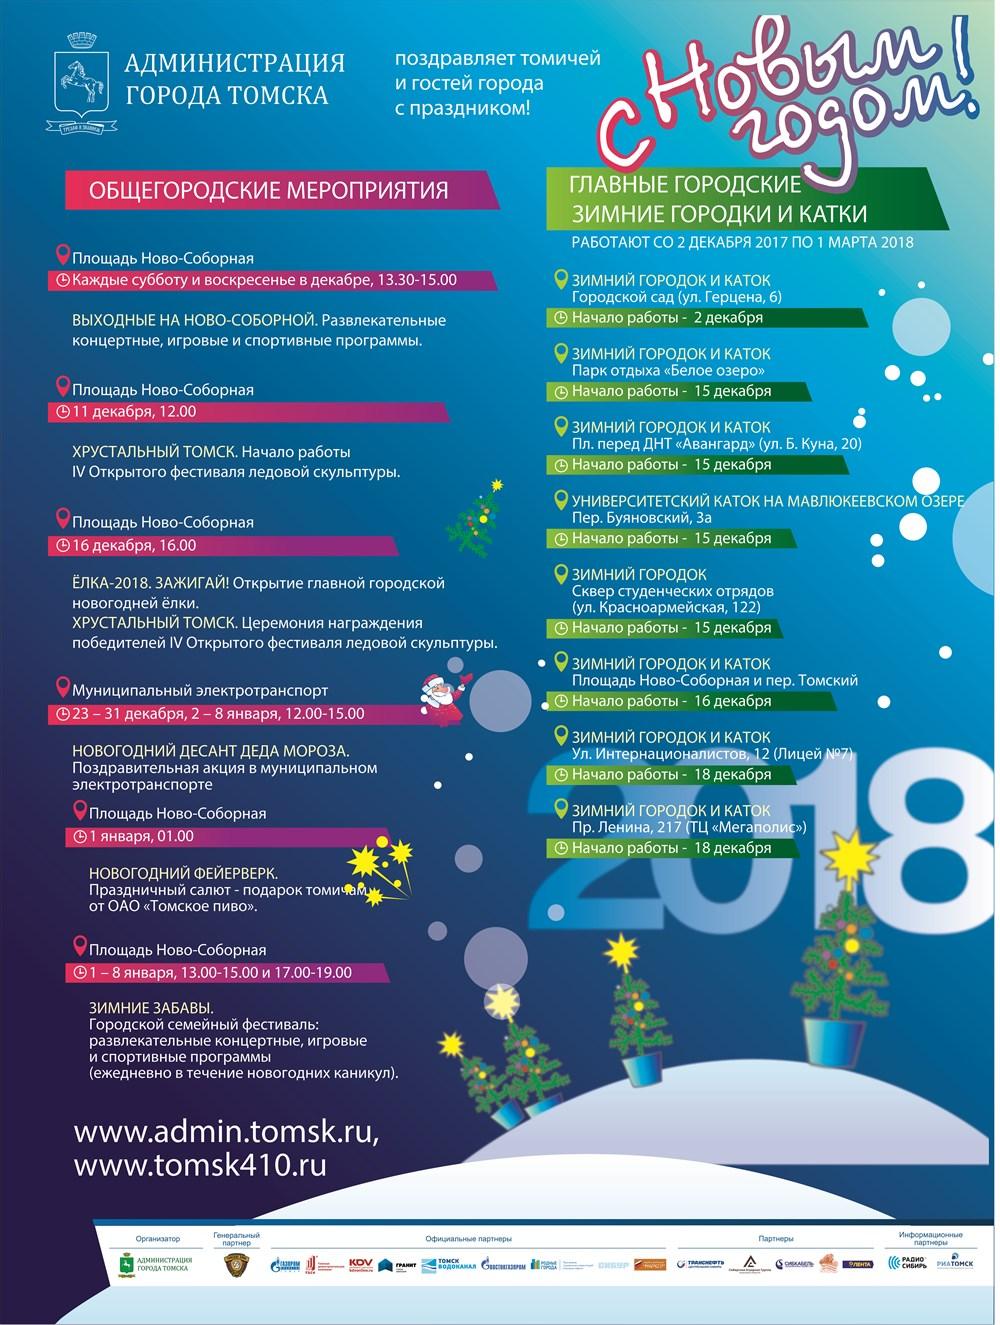 Более 200 мероприятий пройдут в Томске накануне Нового года и в зимние каникулы. Концерты, фестивали, игровые и спортивные программы пройдут не только на открытых площадках, но и в библиотеках, музеях, культурно-досуговых, спортивных и образовательных учреждениях Томска.